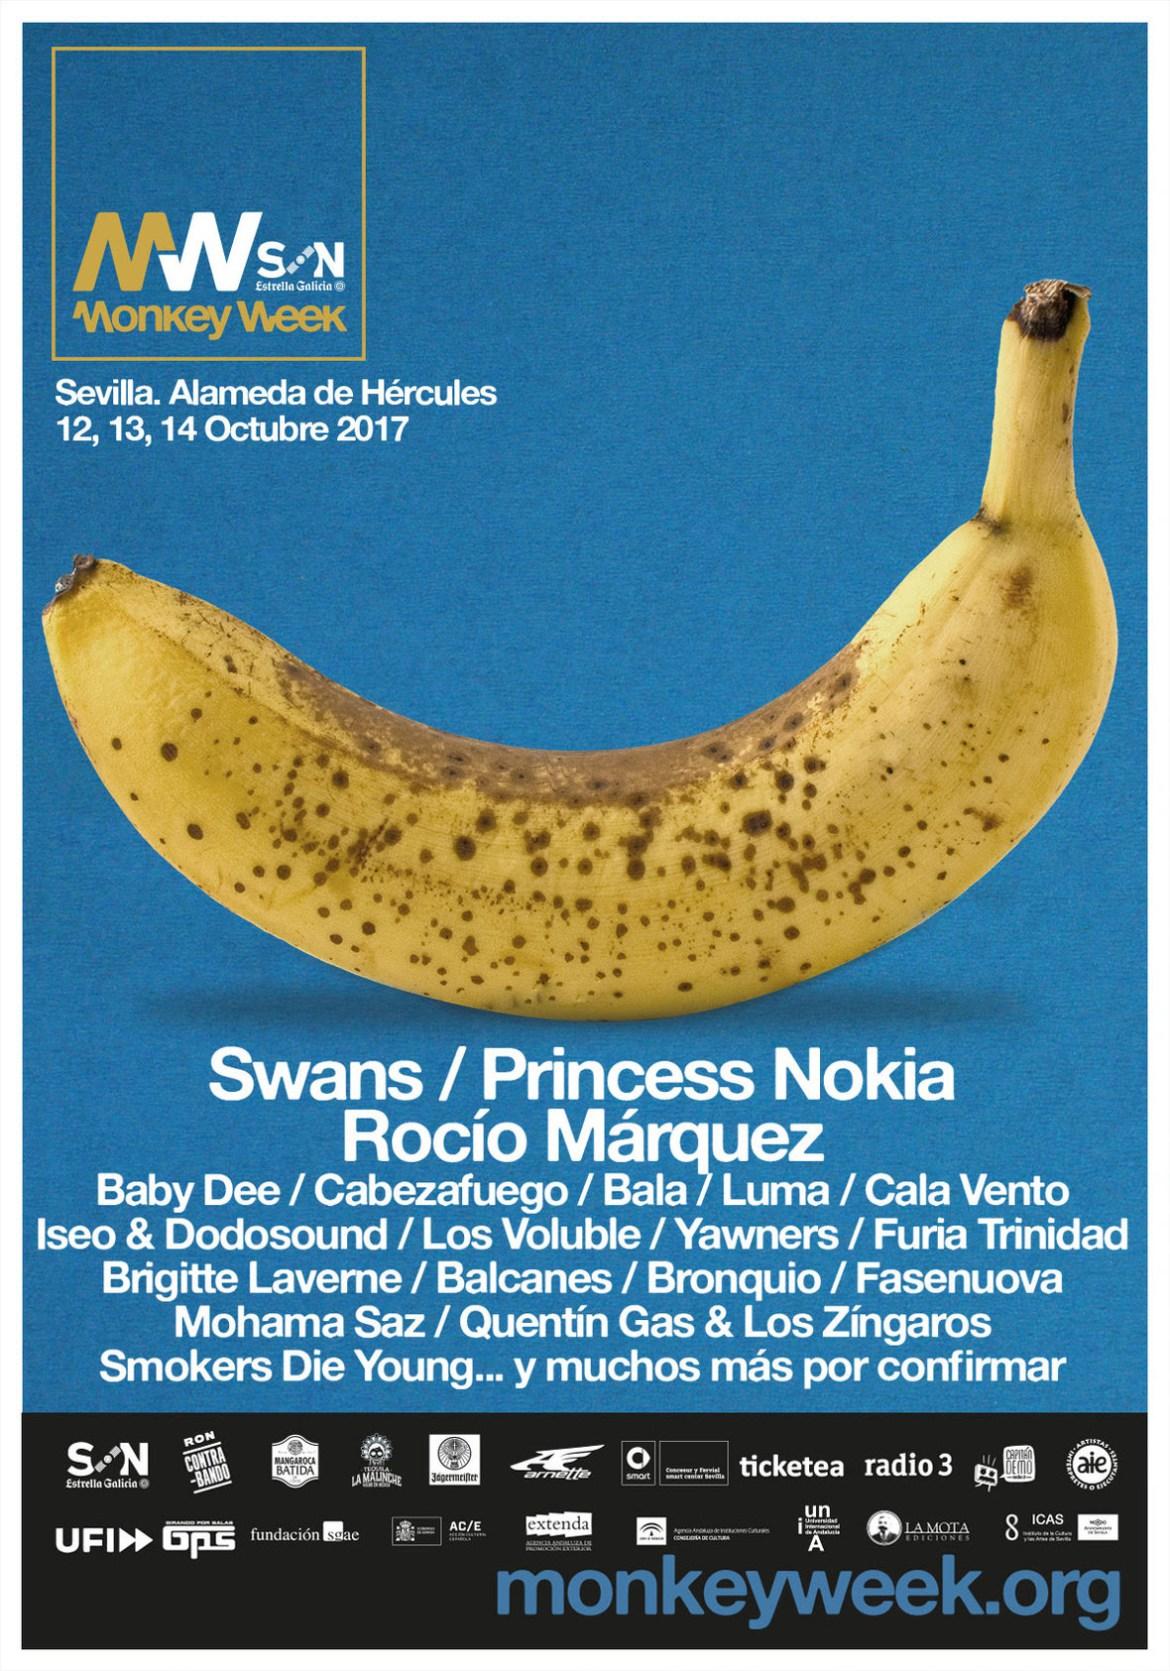 Cartel-Monkey-Week-SON-Estrella-Galicia-2017-junio